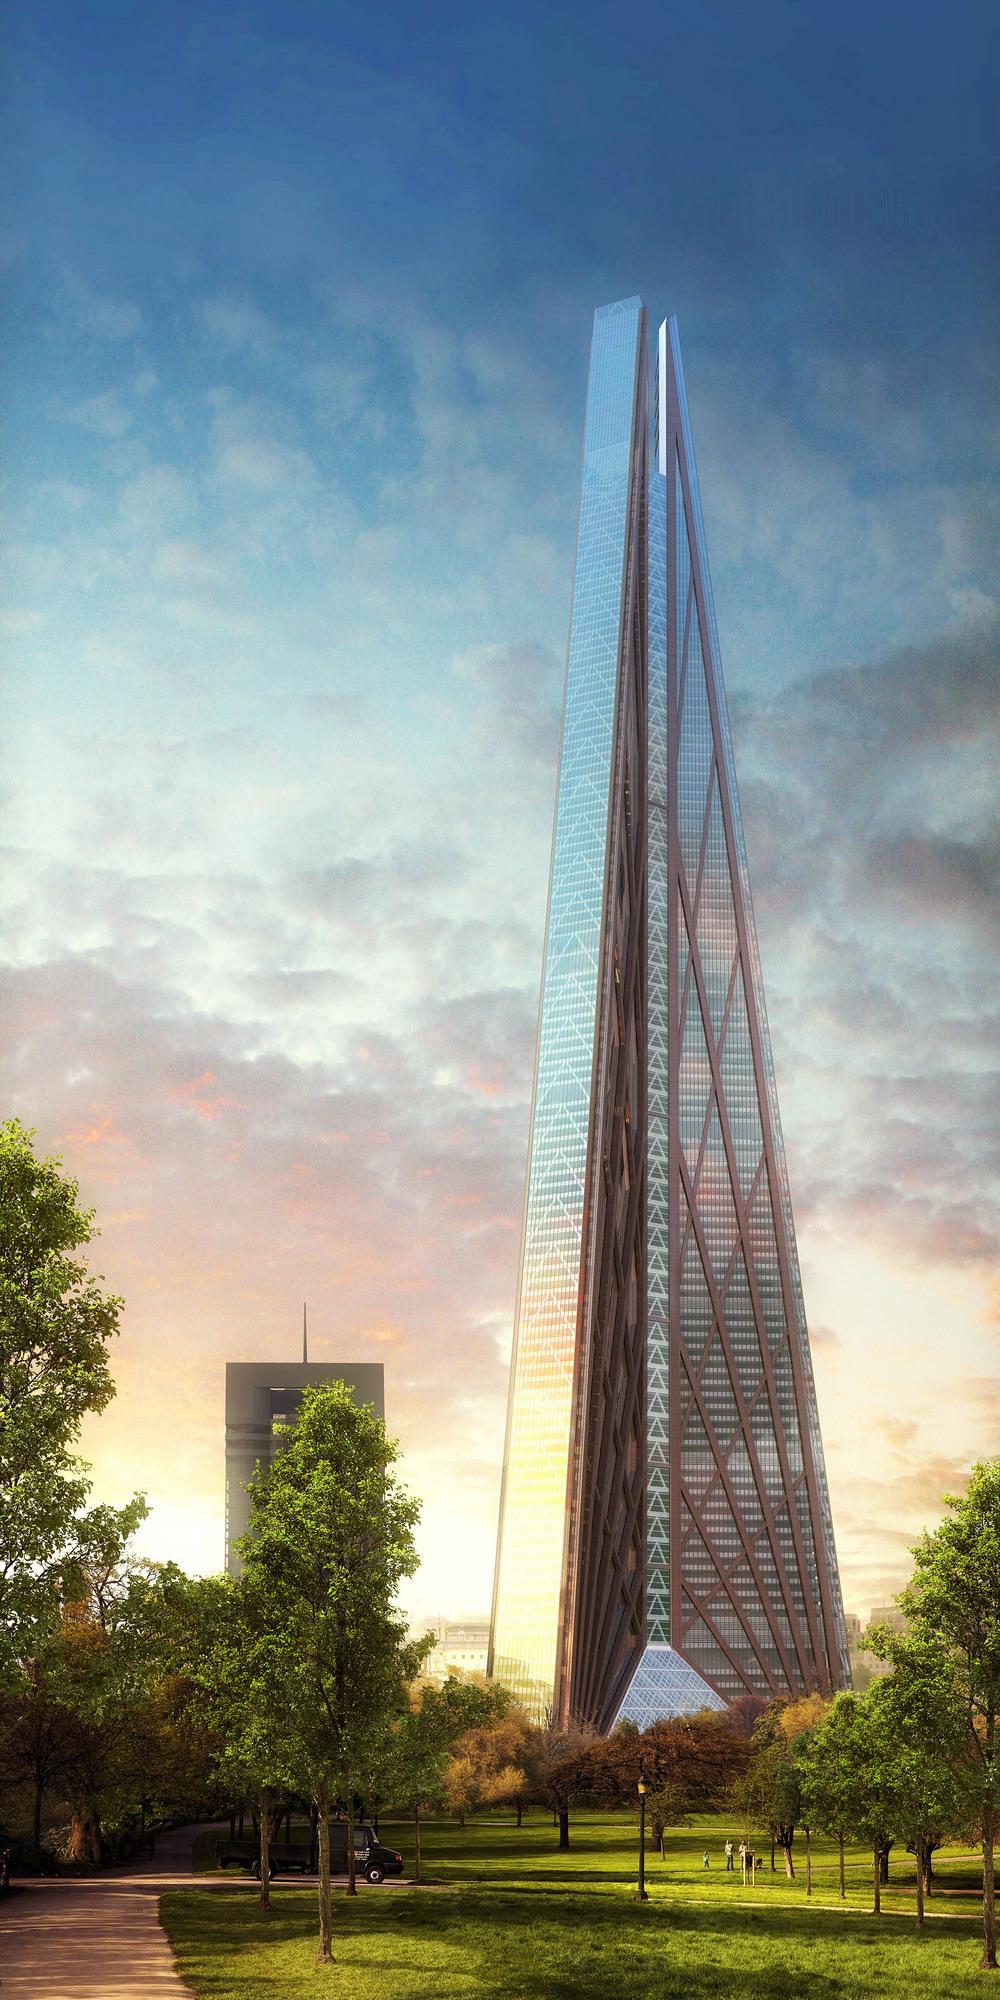 Torre Rusia Megaconstrucciones Extreme Engineering